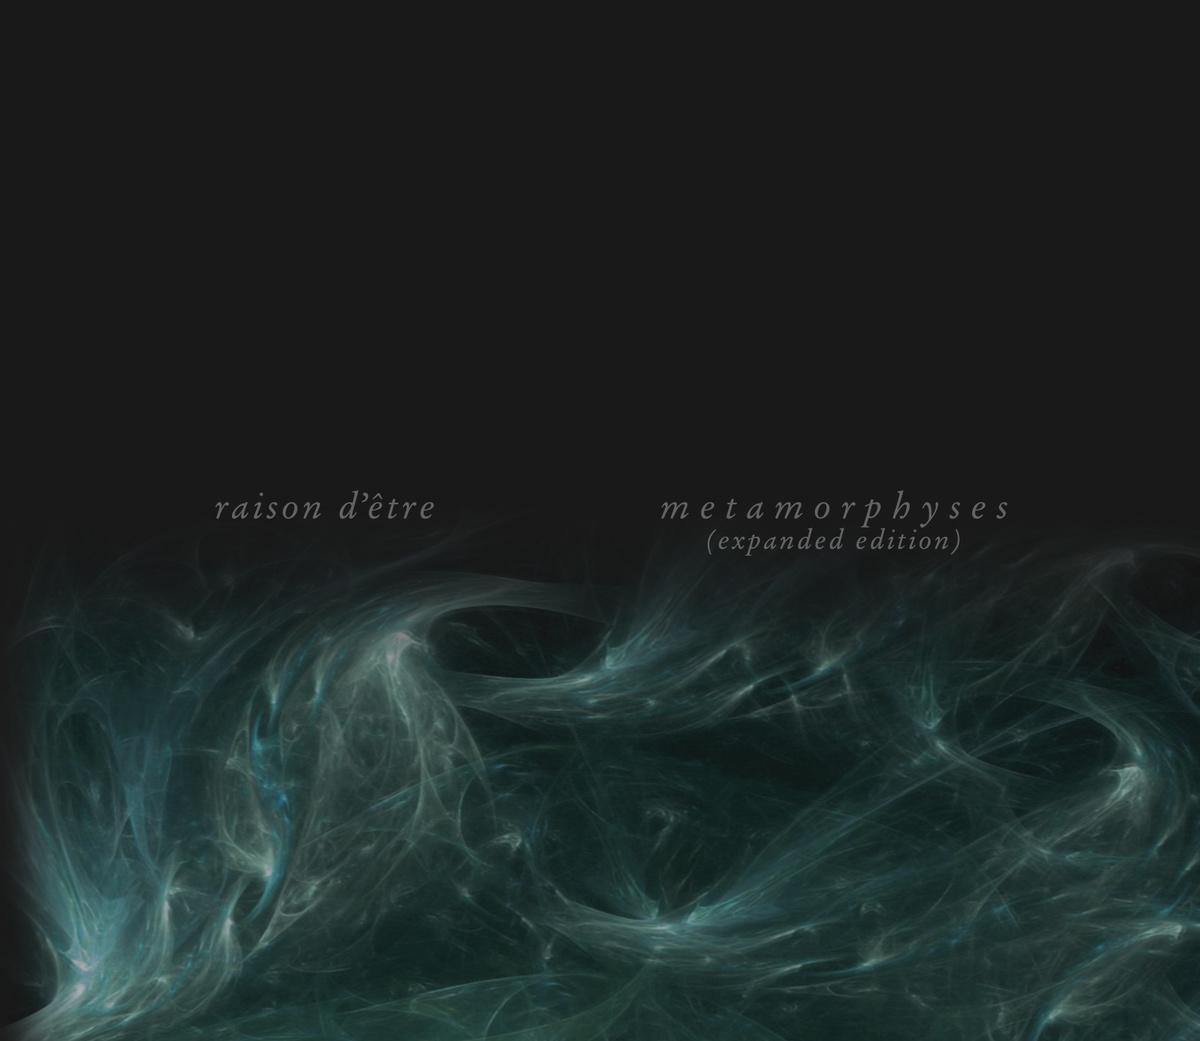 raison d'etre: Metamorphyses (Expanded Edition 2CD) 【予約受付中】